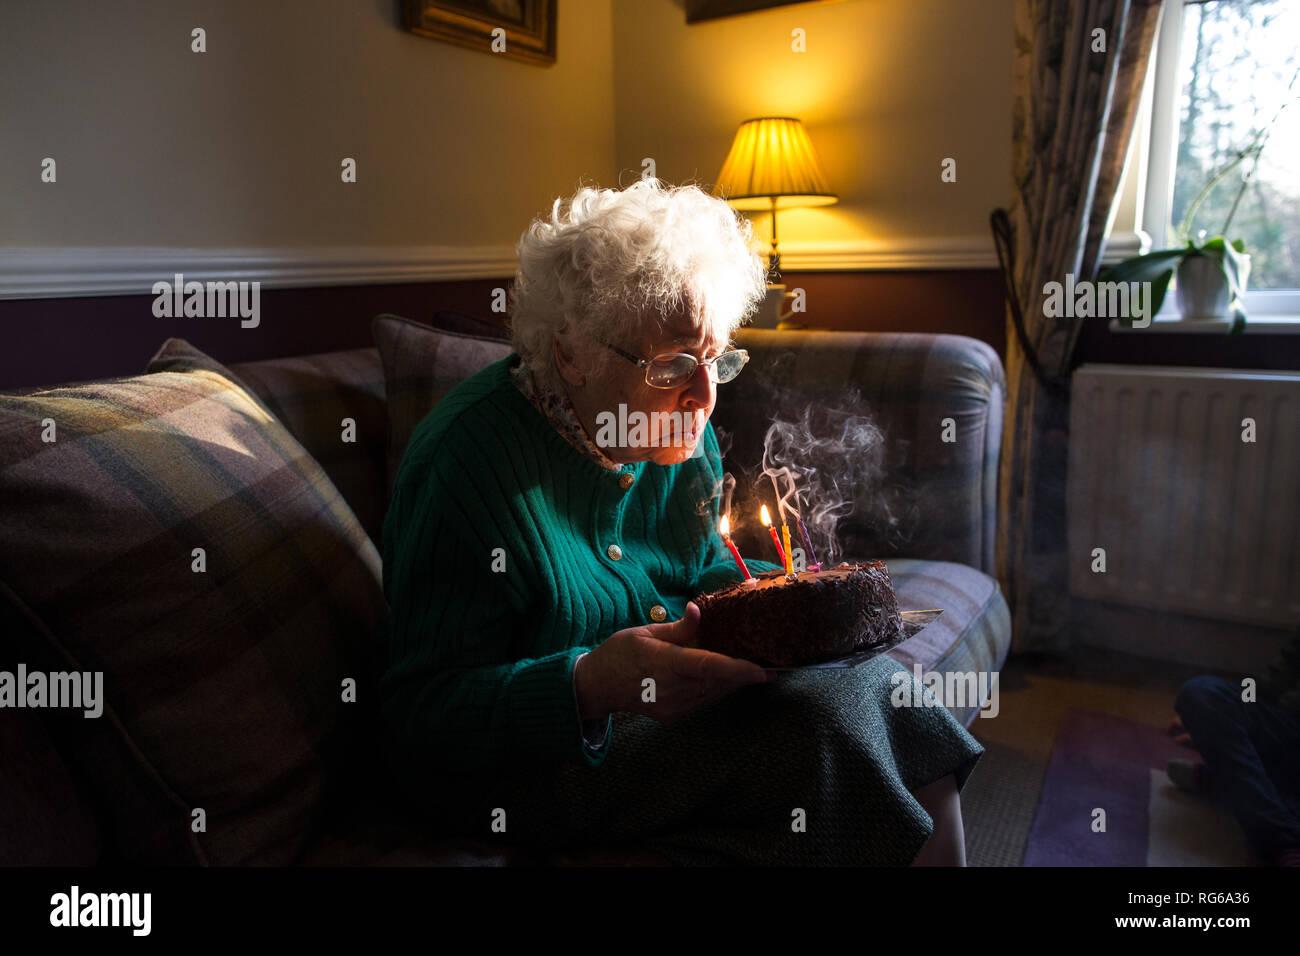 Vieille Femme célèbre son anniversaire avec un gâteau tout en soufflant les bougies, Angleterre, Royaume-Uni Photo Stock